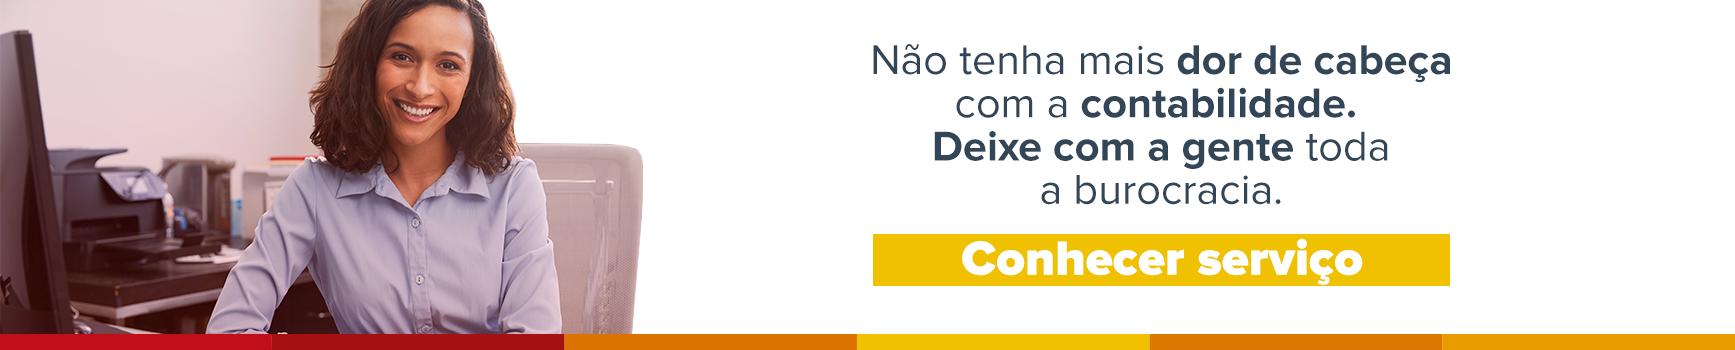 contato-marbo-contabil